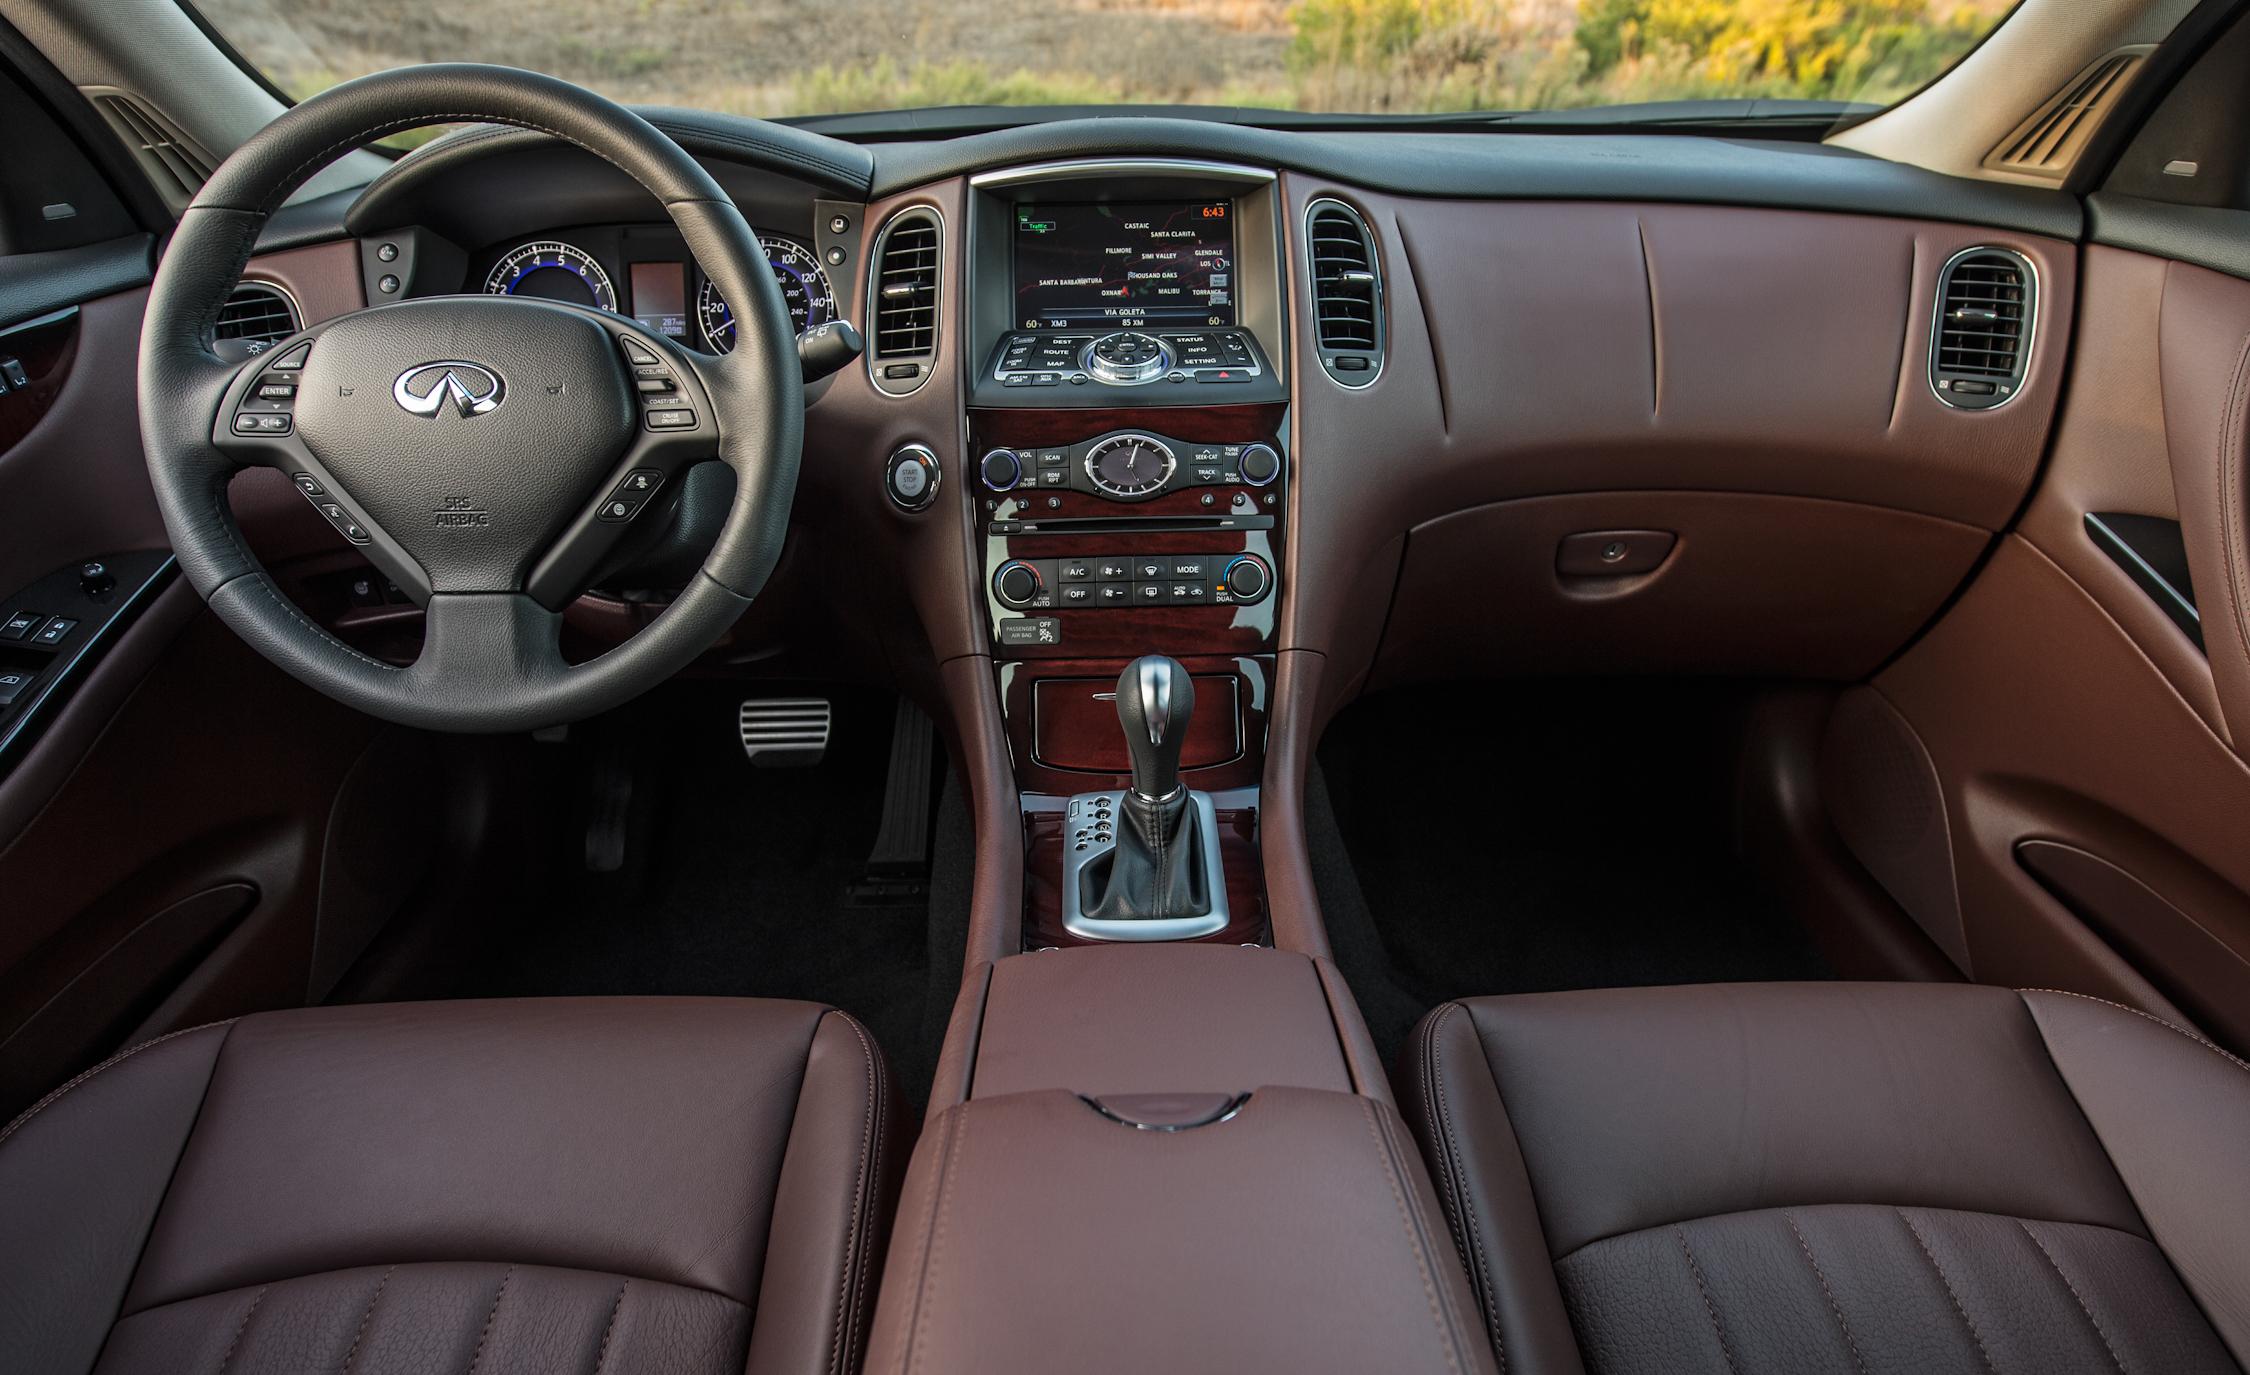 2016 Infiniti QX50 Interior Front